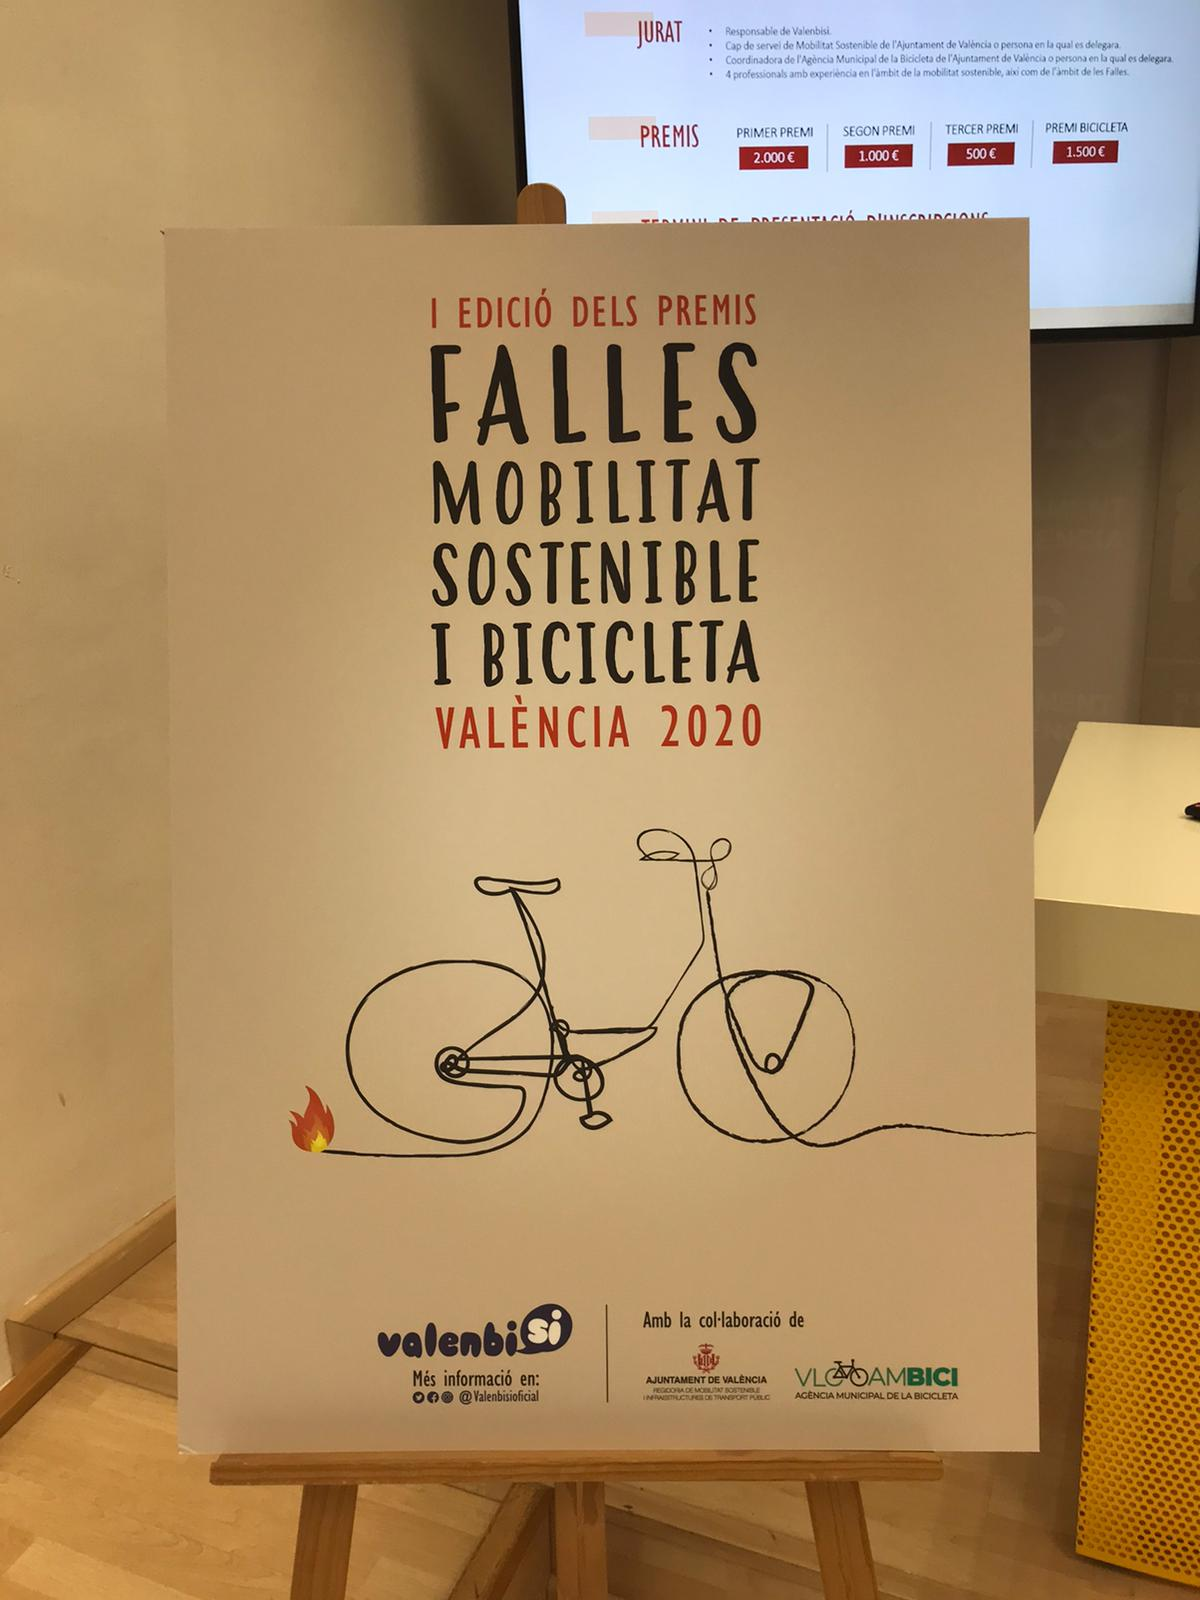 Premis mobilitat sostenible i bicicleta